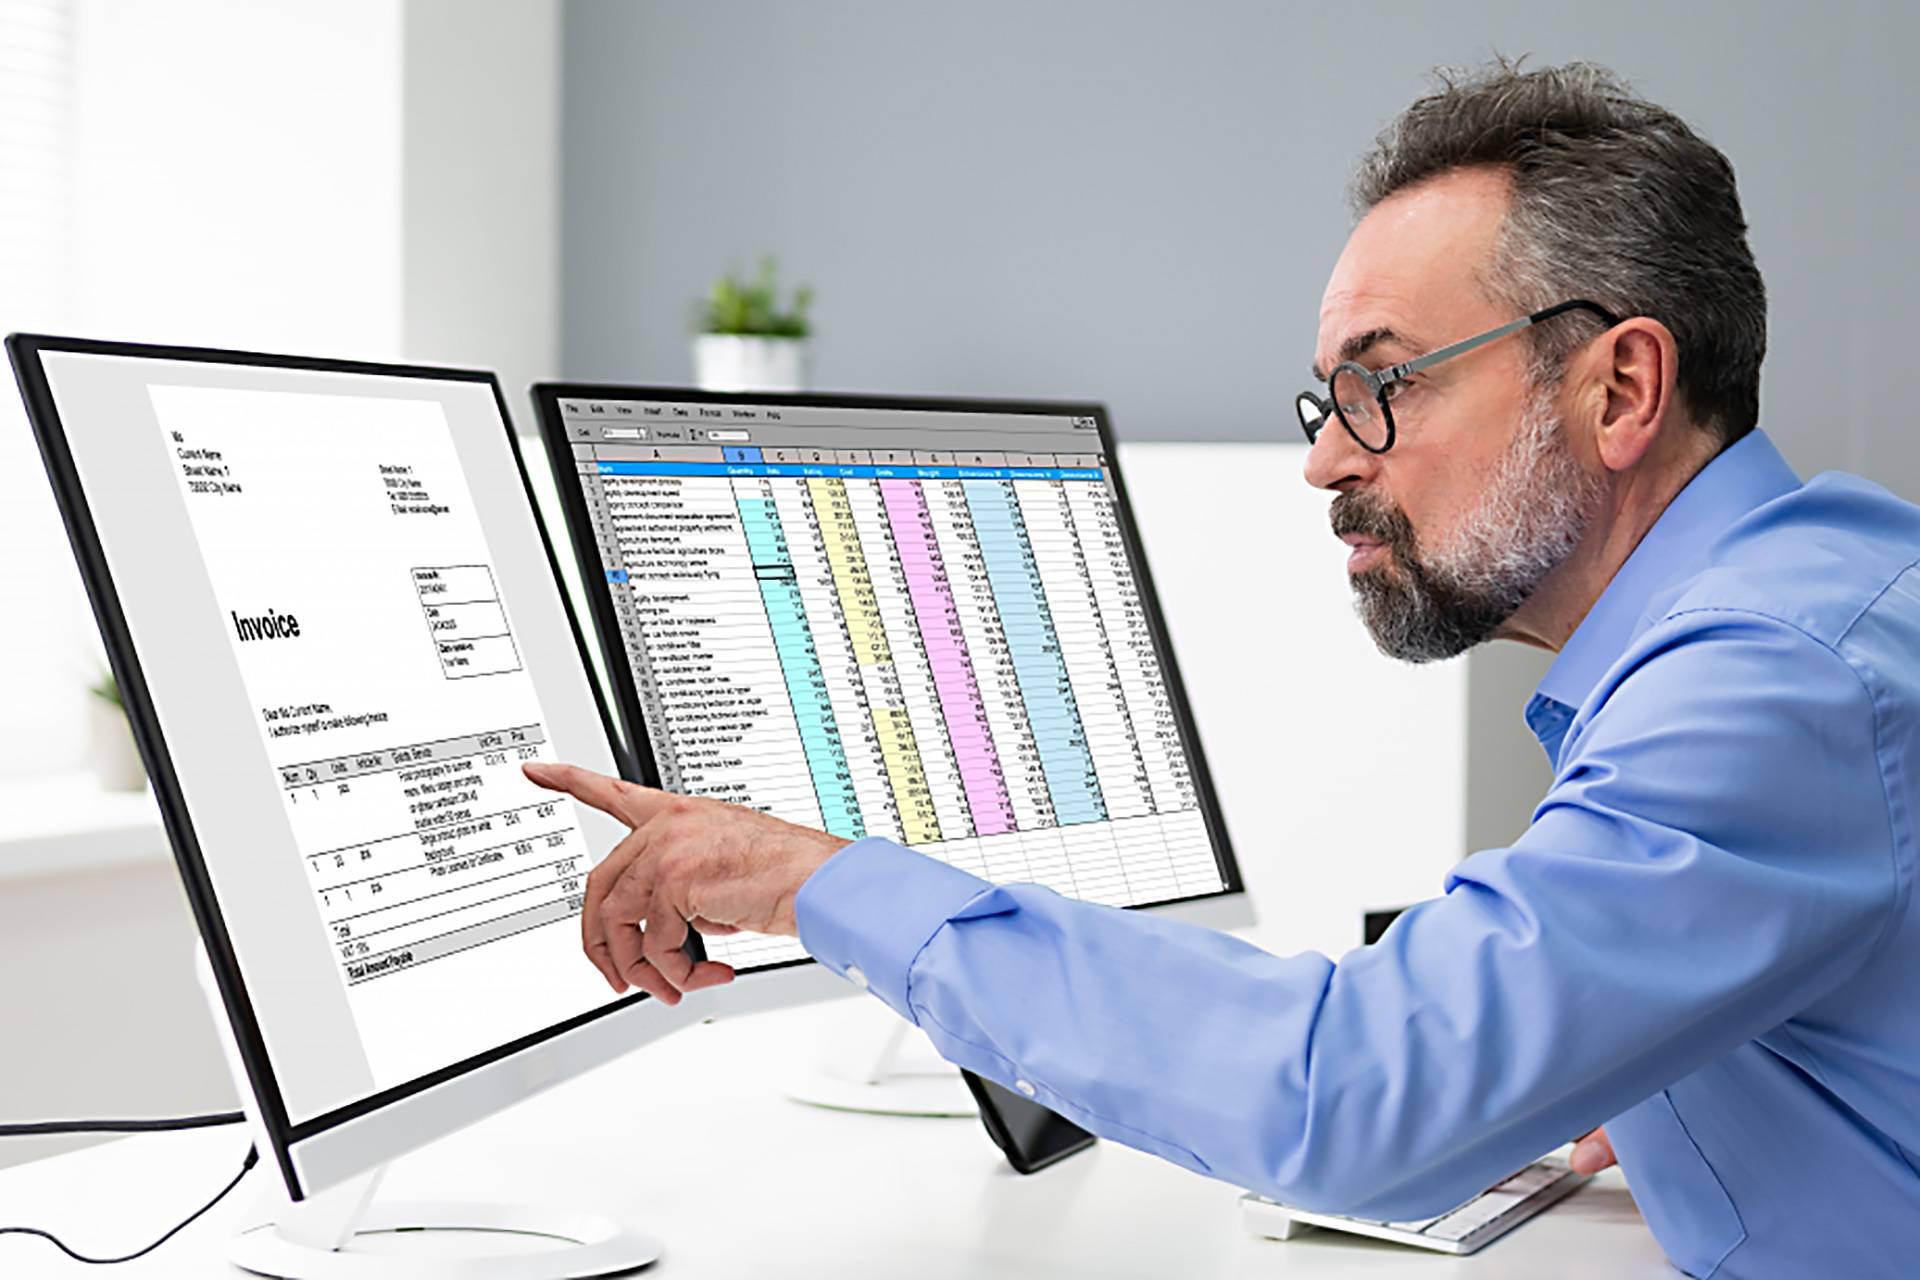 Revisor arbetar på två skärmar med Revisionsprogrammet